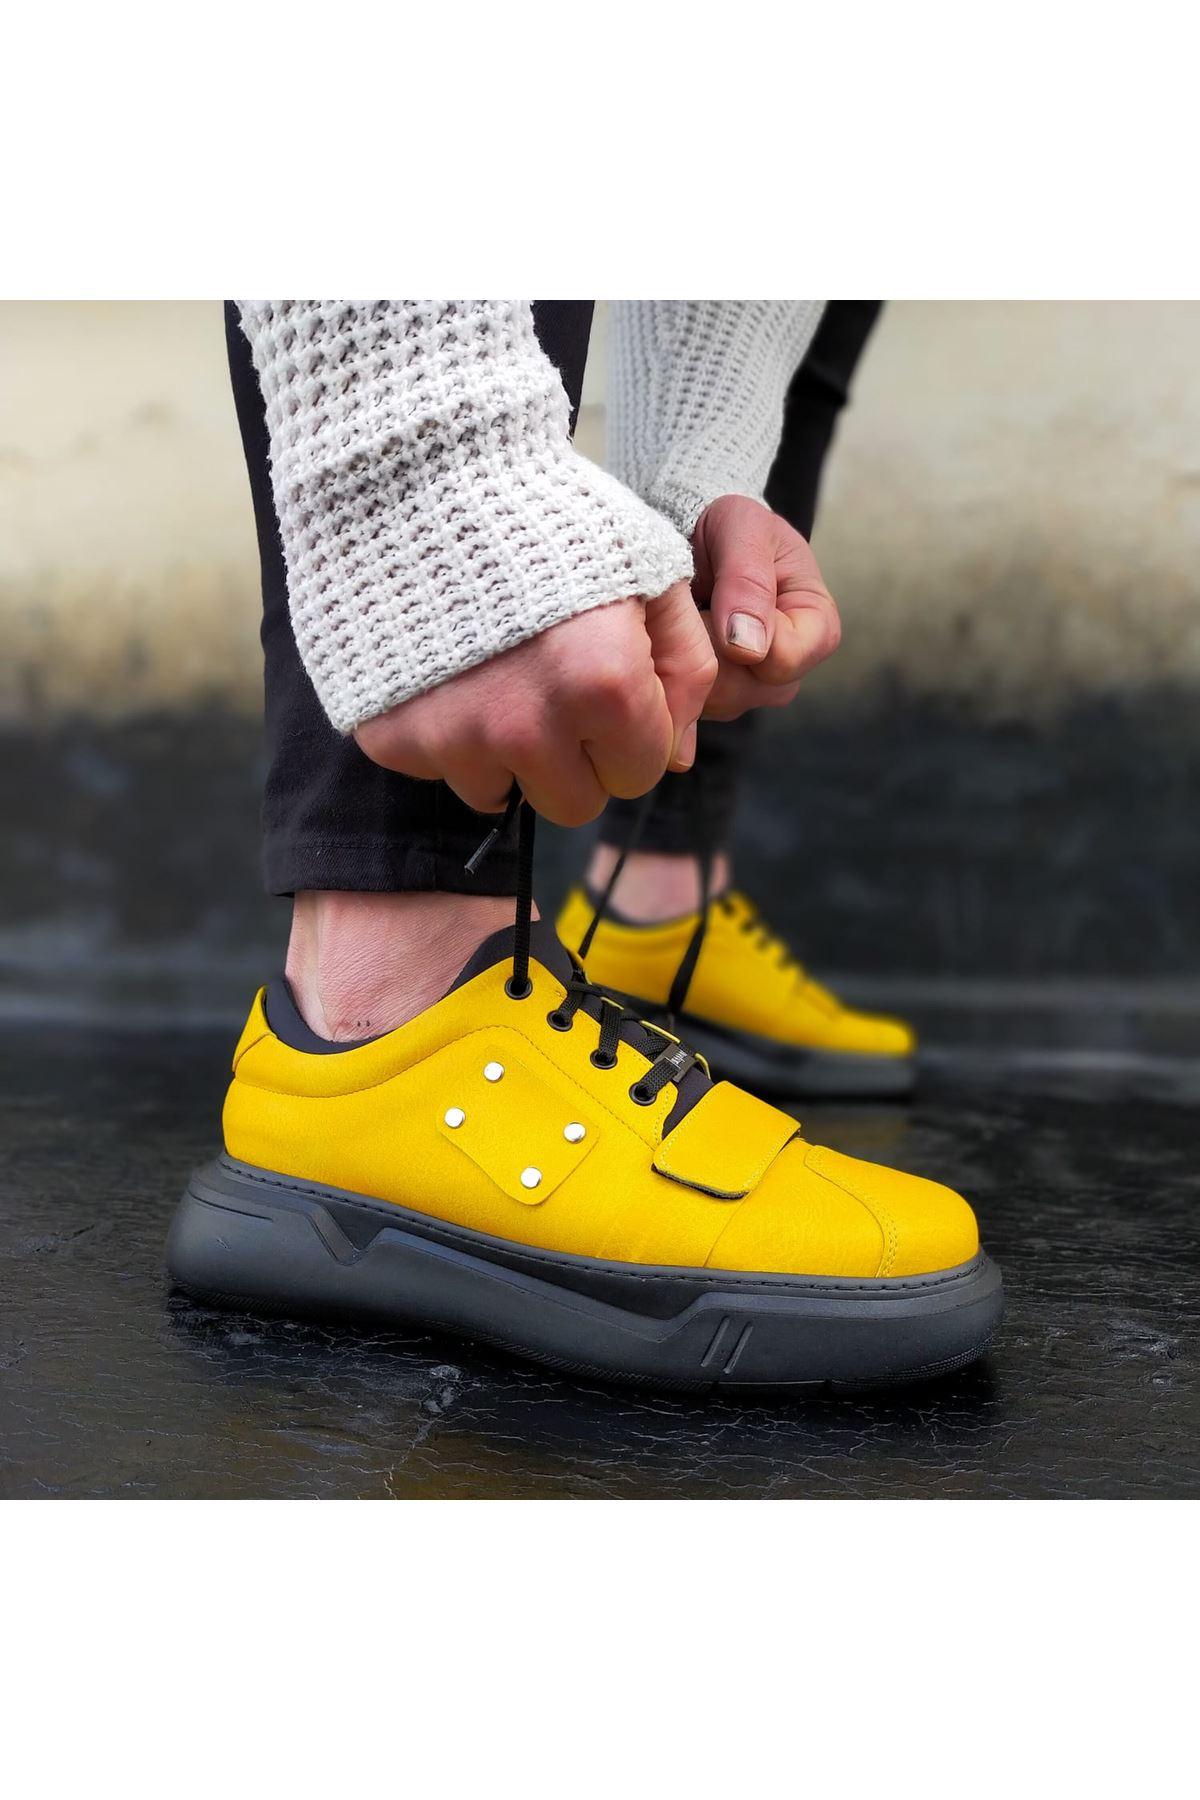 Wagoon WG018 Sarı Kömür Erkek Yüksek Taban  Ayakkabı